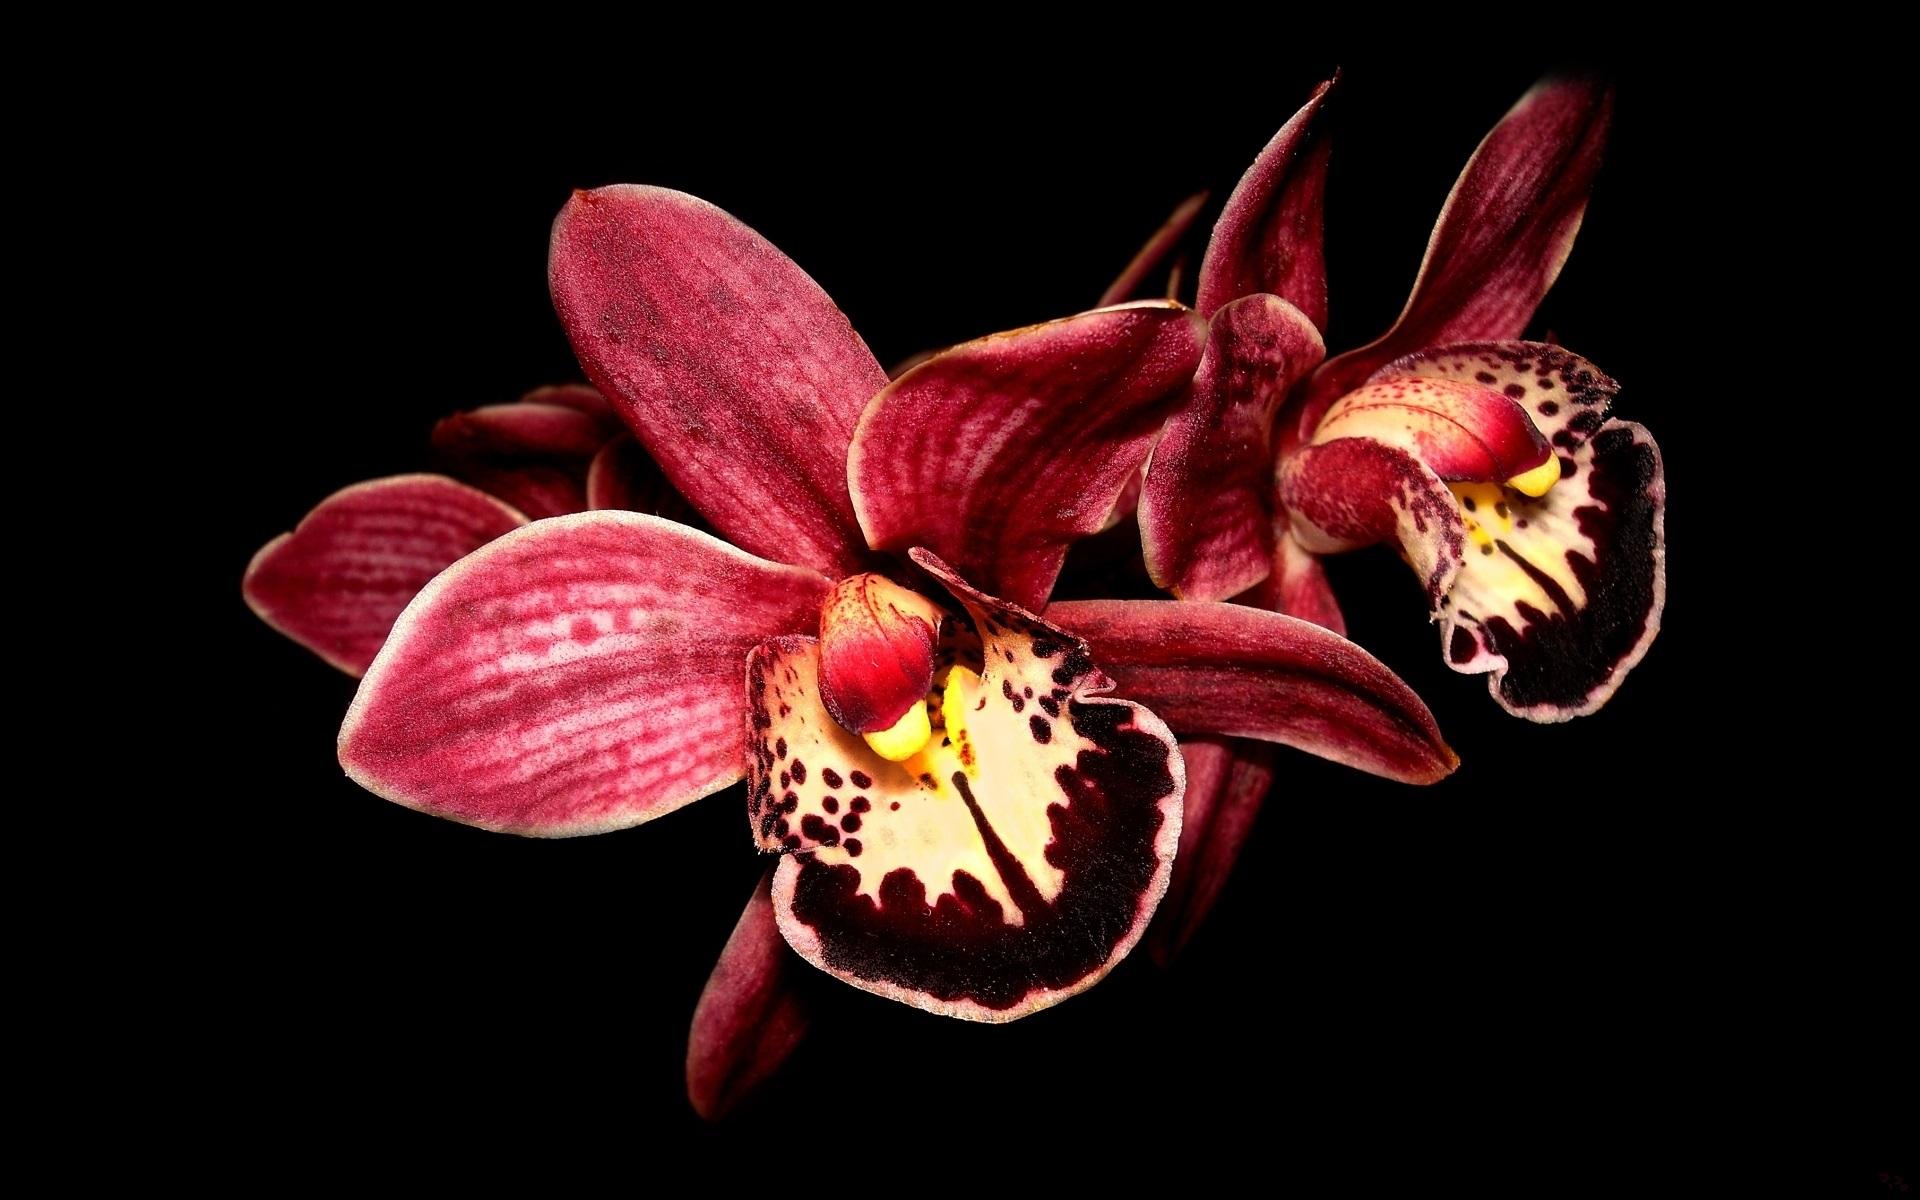 Ảnh nền đen hình hoa lan đẹp